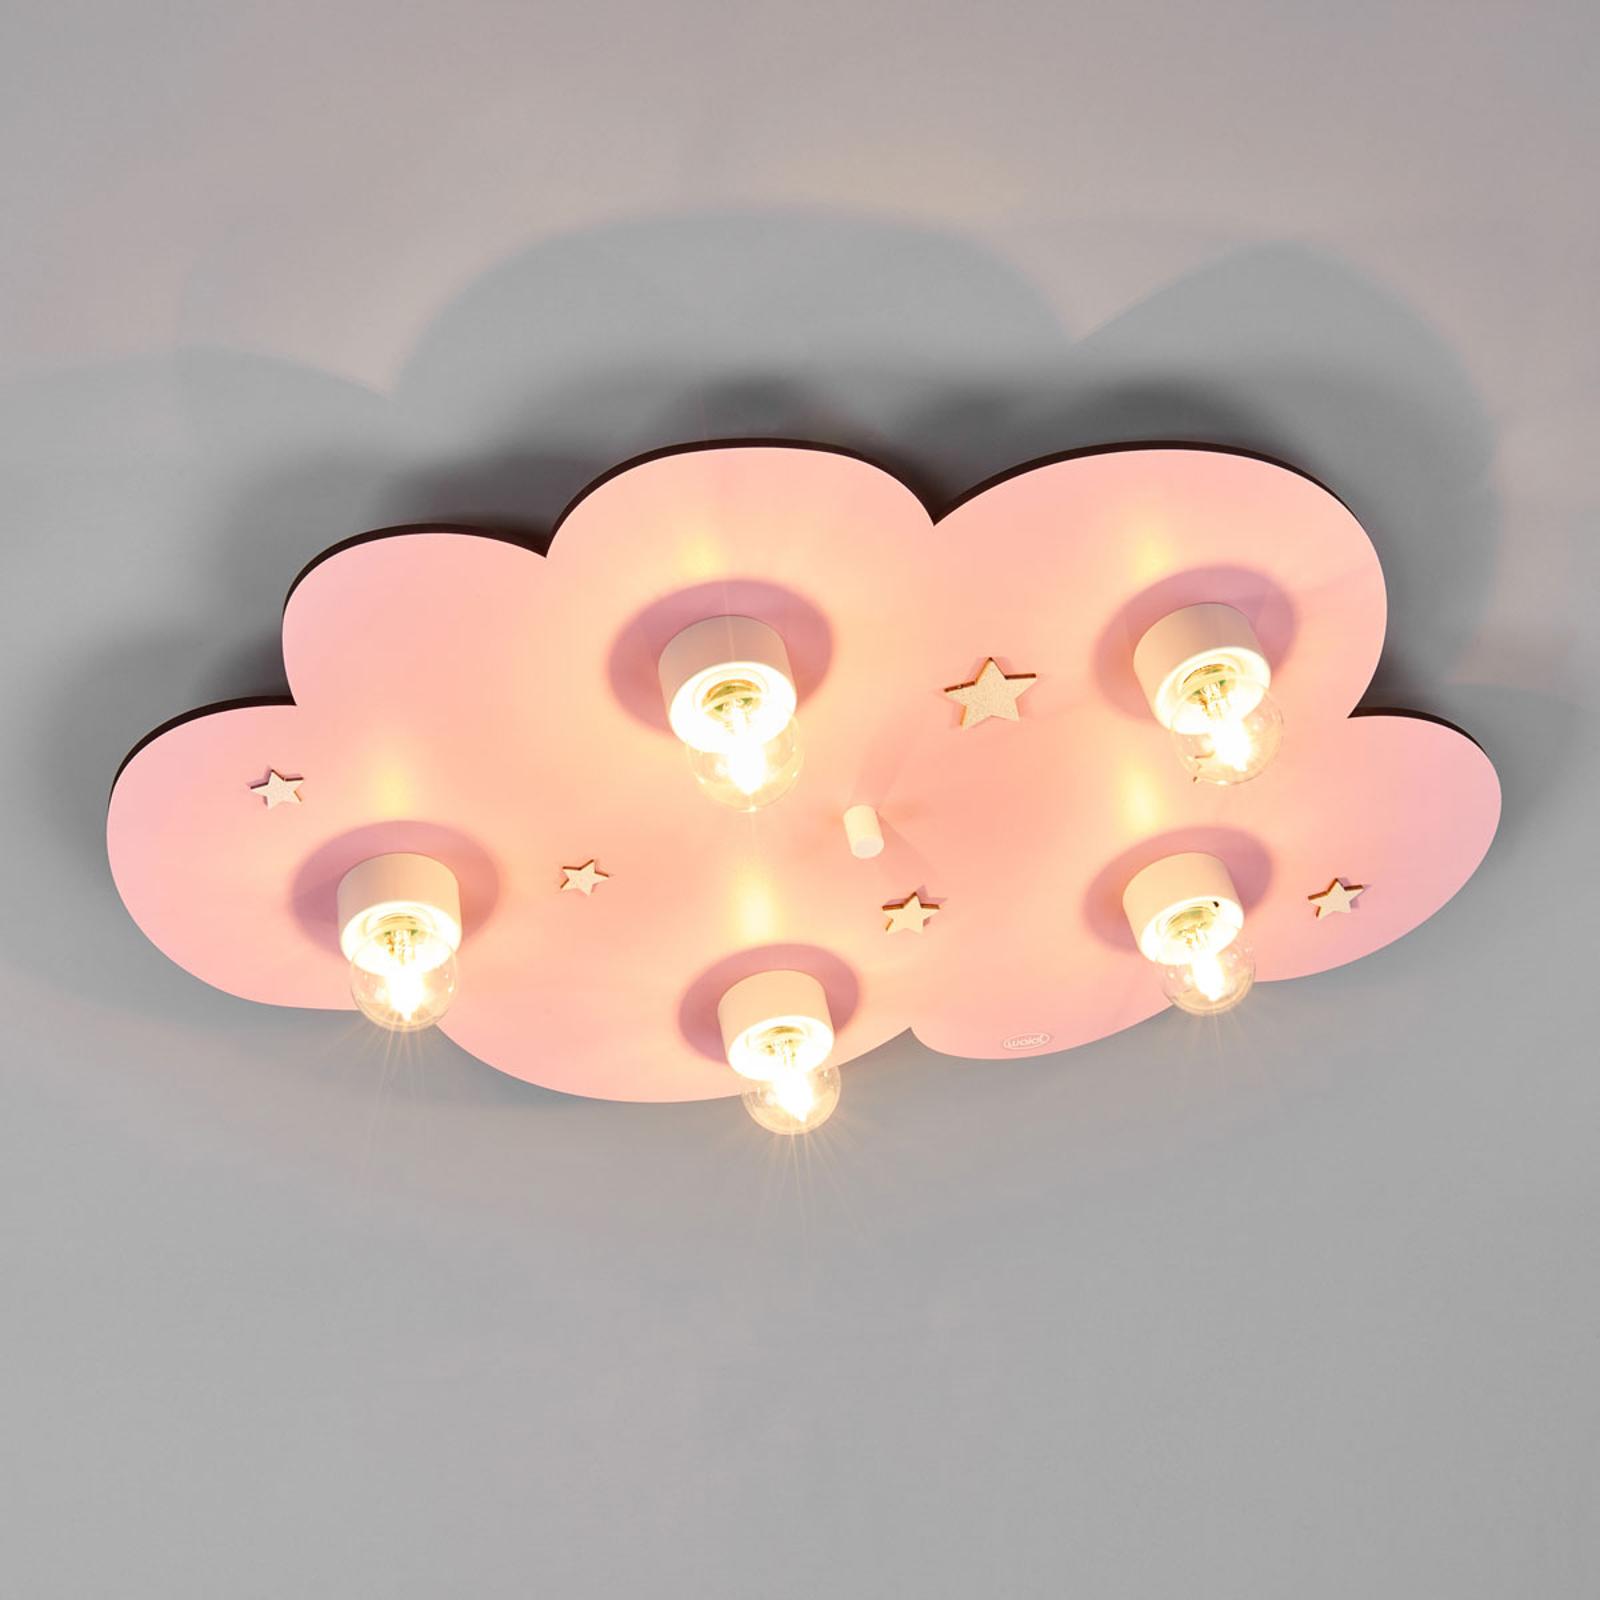 Fantastische kinderplafondlamp WOLK roze